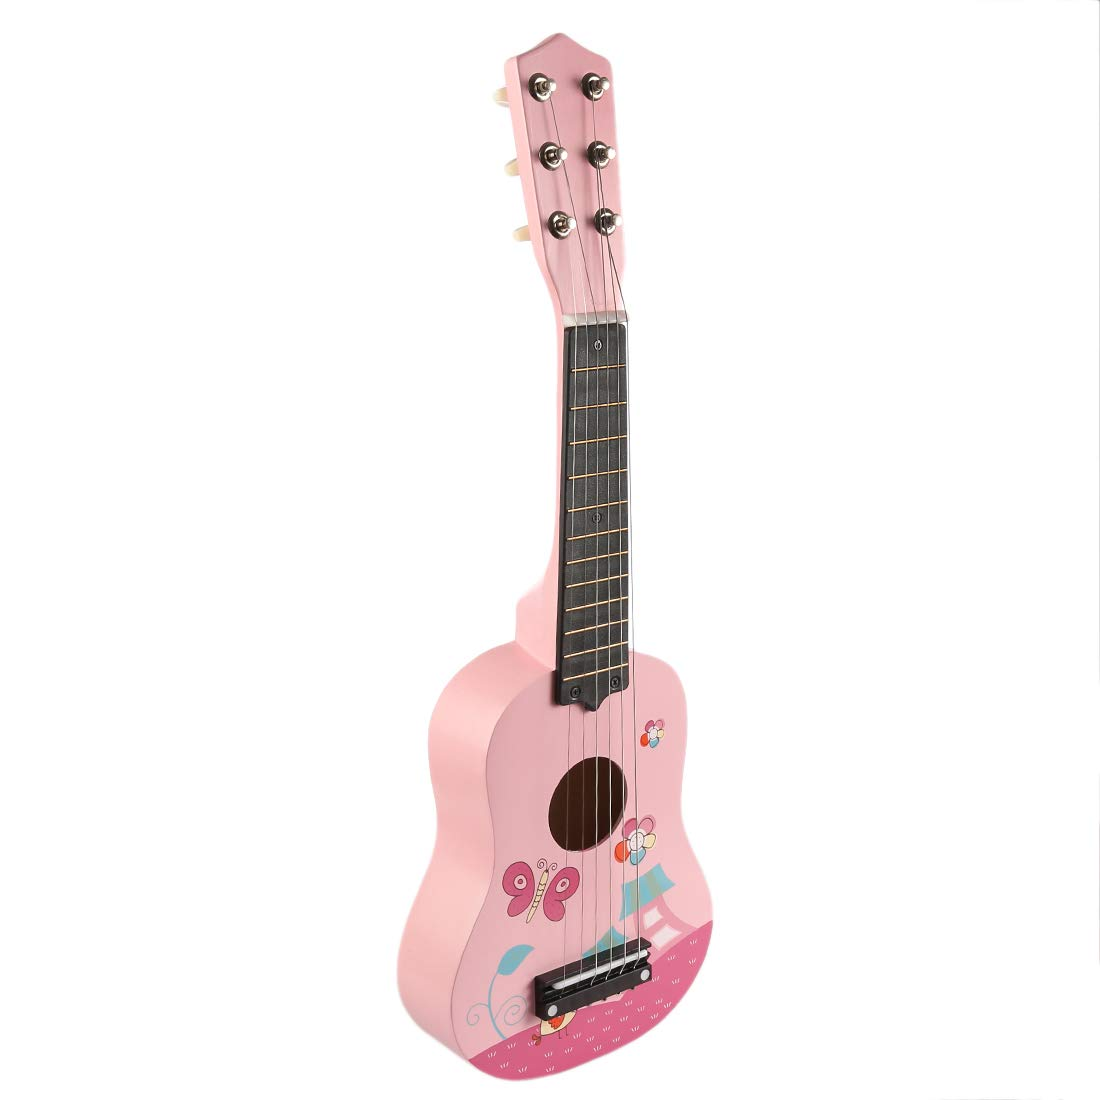 Yvsoo Gitarre Kinder 6 Saiten Echtes Metallic Instrument der Musik Ideal Geschenk fü r Kinder Anfä nger fü r Geburtstag, Weihnachten, Party